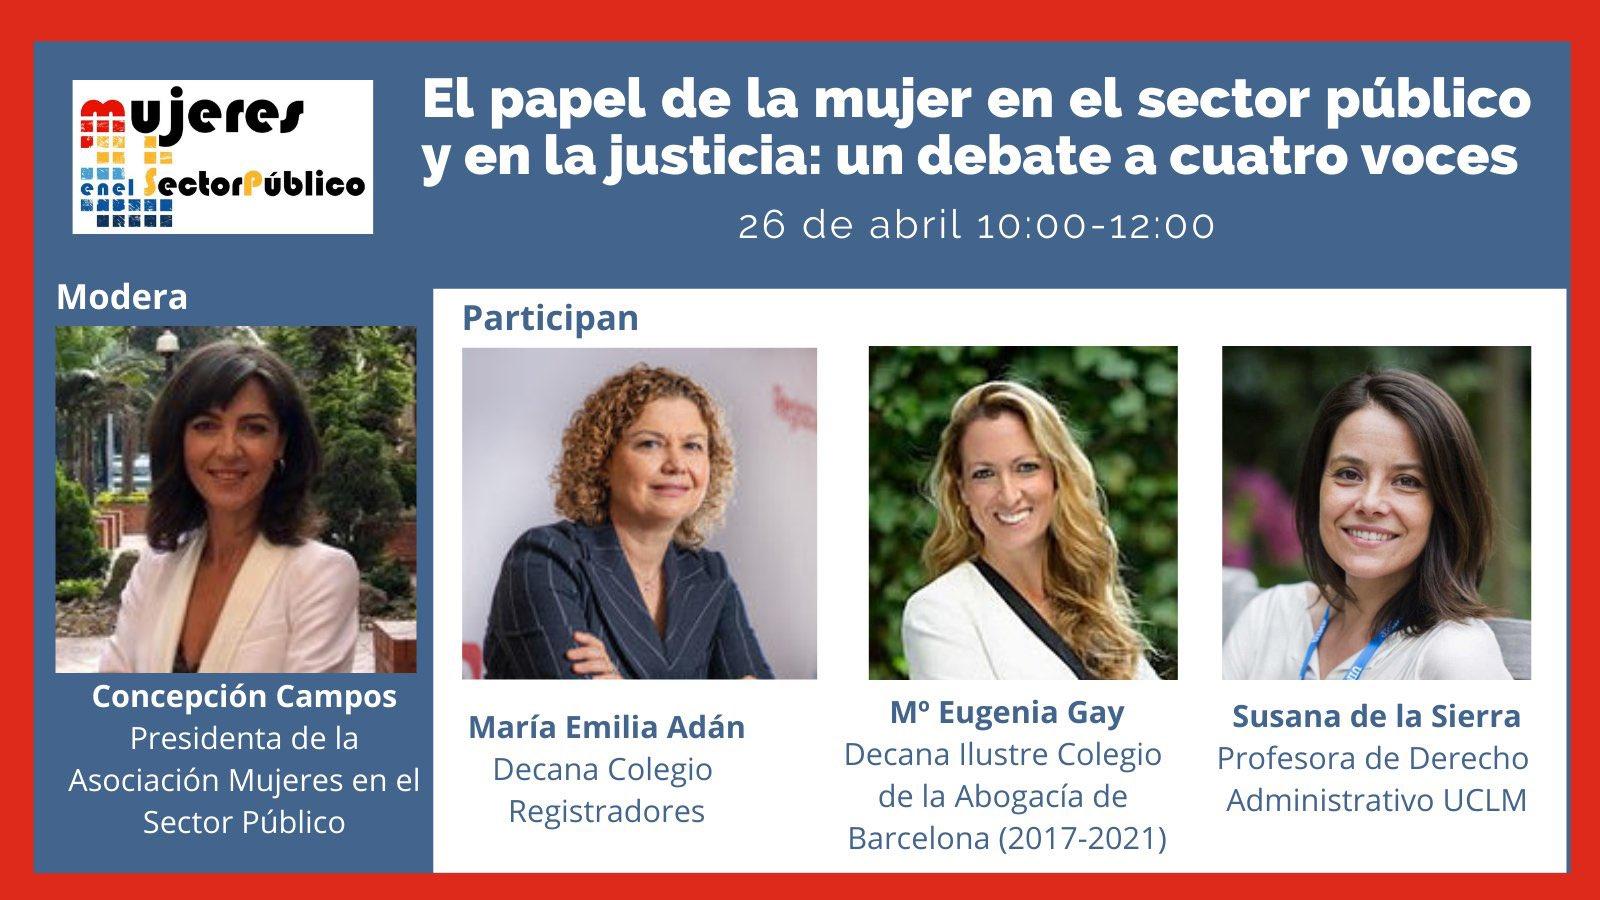 Webinar sobre El papel de la mujer en el sector público y en la justicia: un debate a cuatro voces